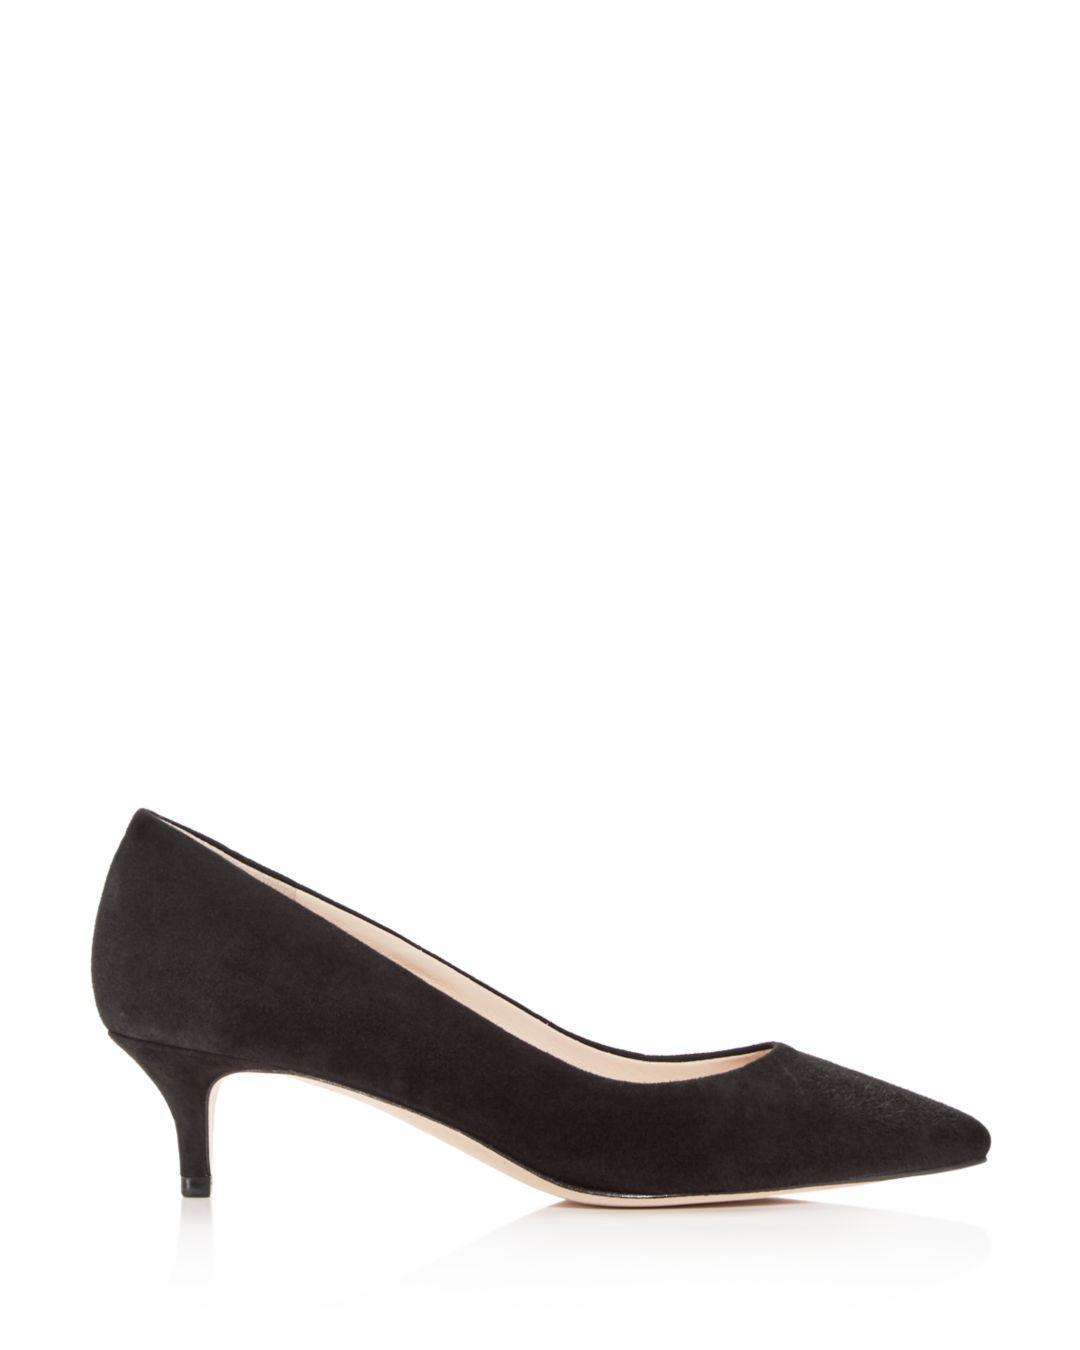 02f38515331a Lyst - Cole Haan Women s Vesta Suede Kitten-heel Pumps in Black